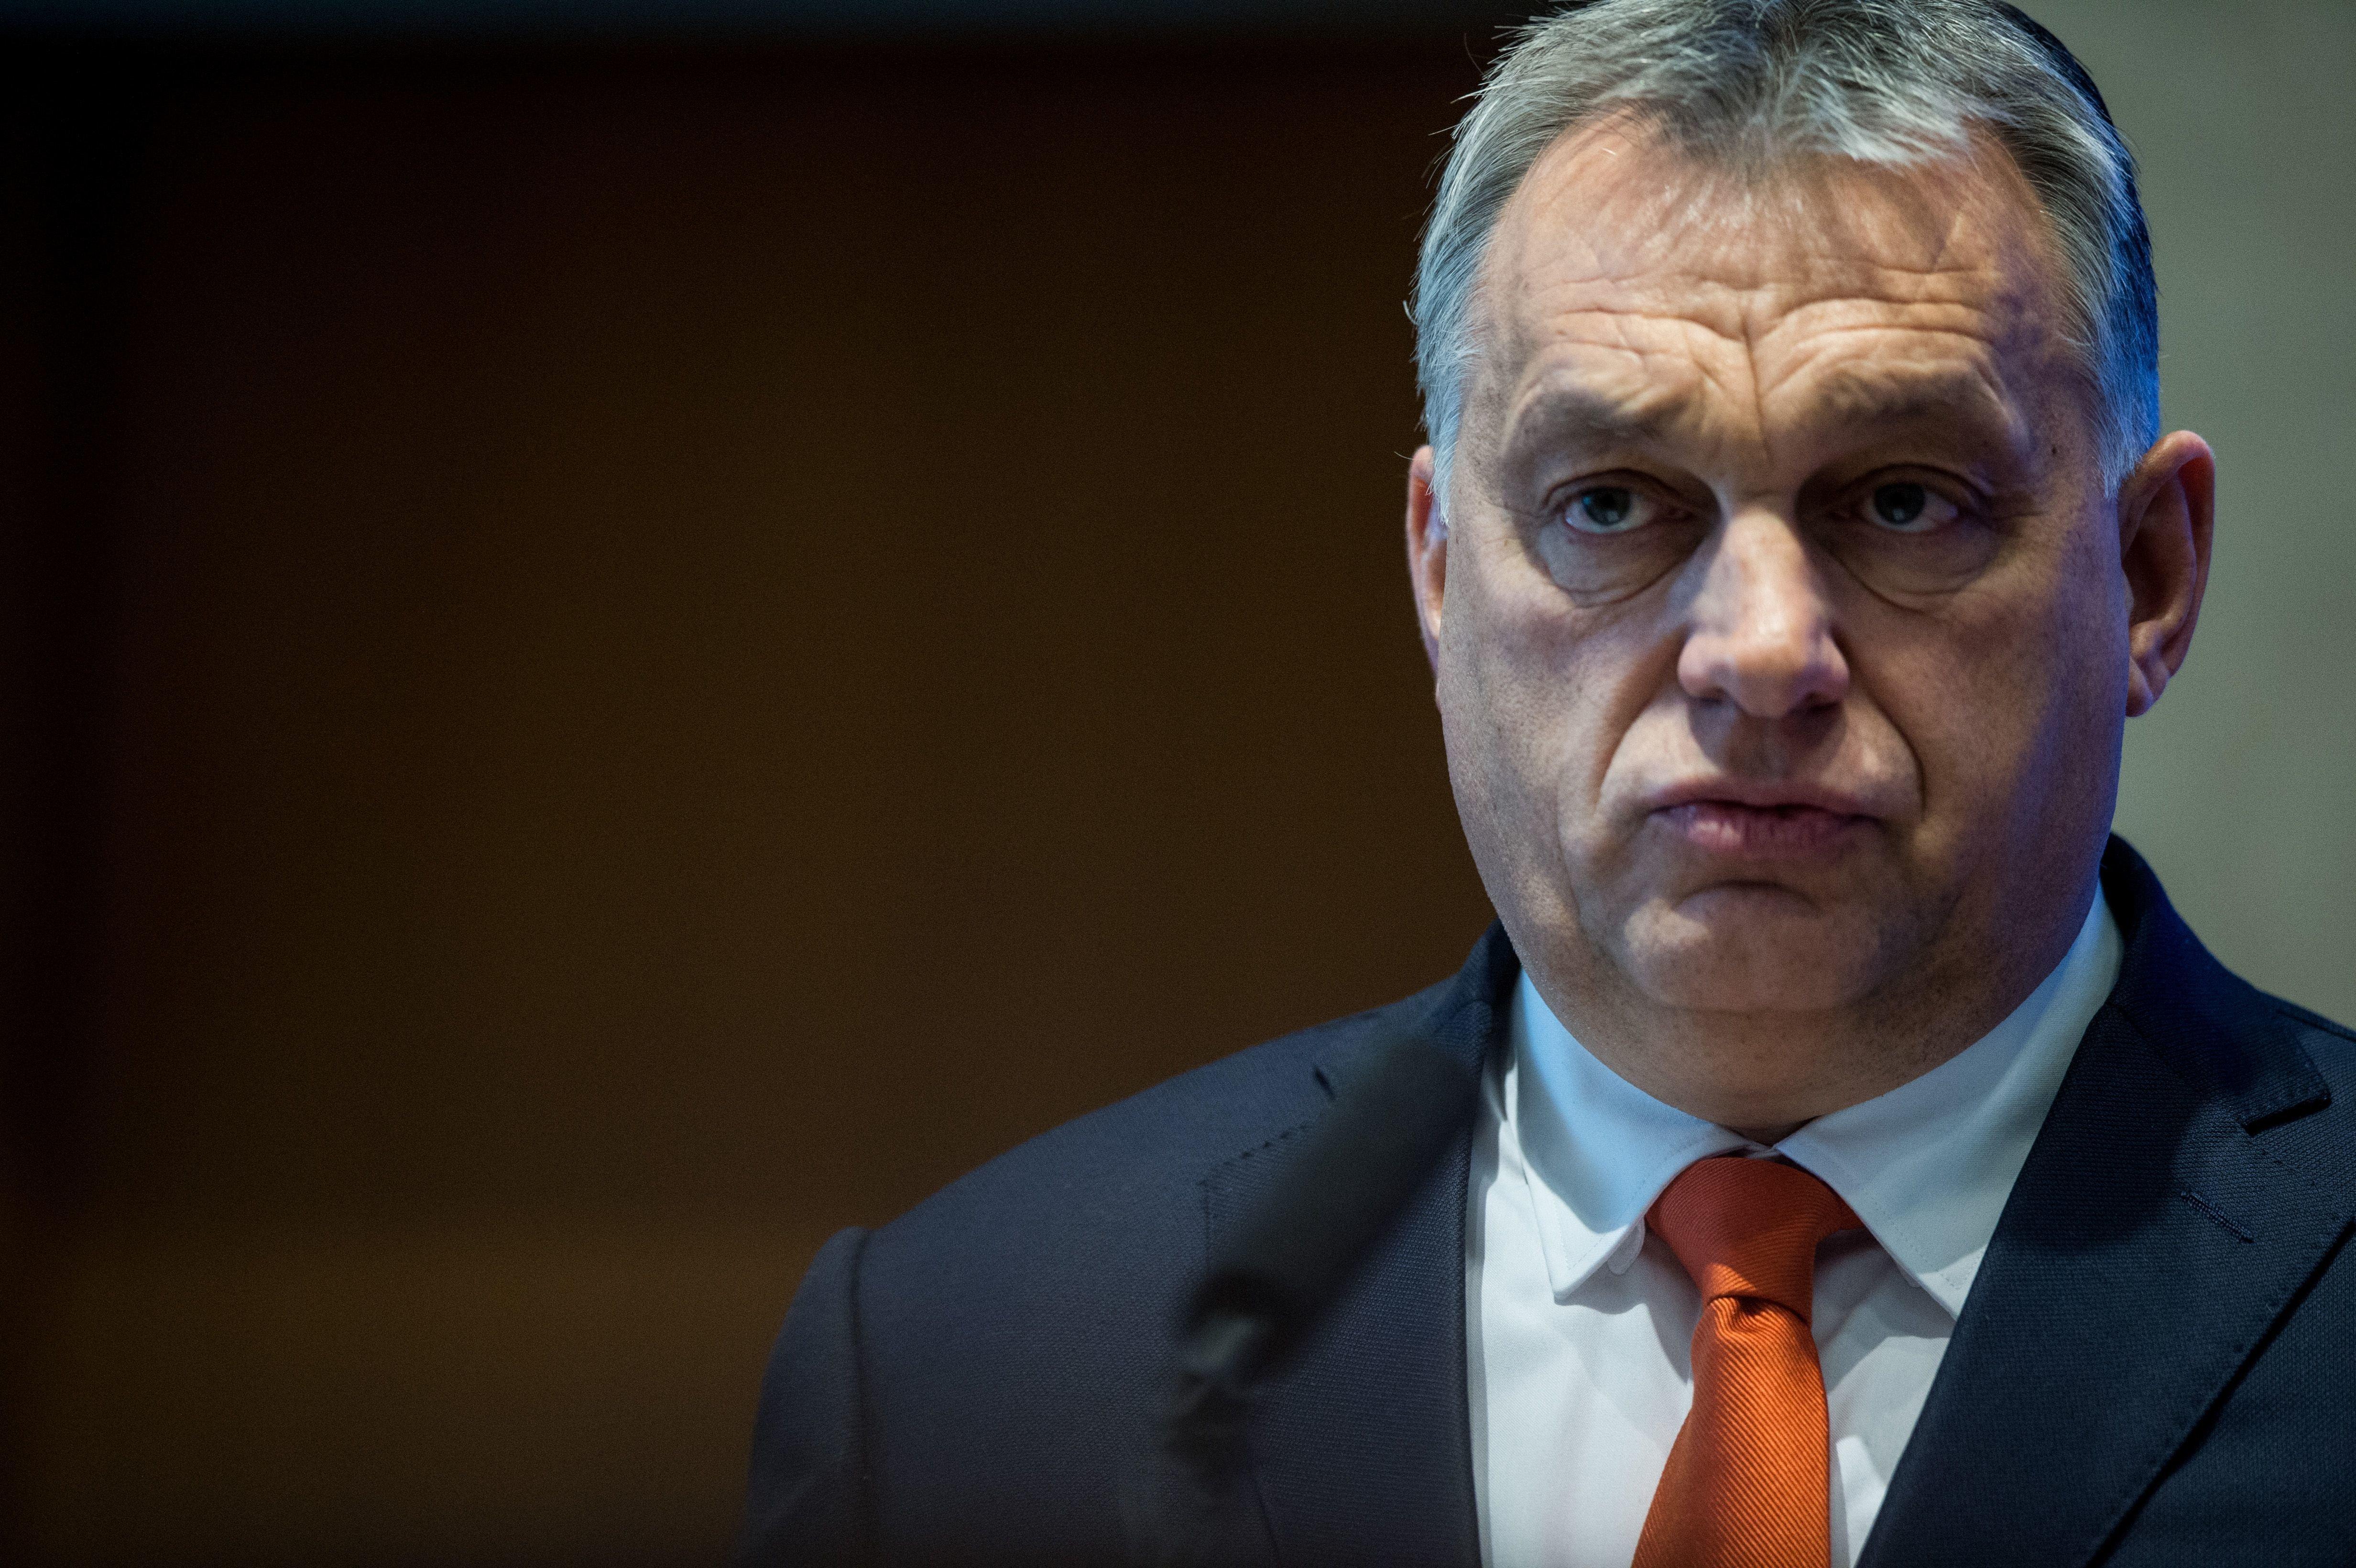 EVP-Streit: Der Druck auf Orban steigt – der denkt bereits laut über Alternativen